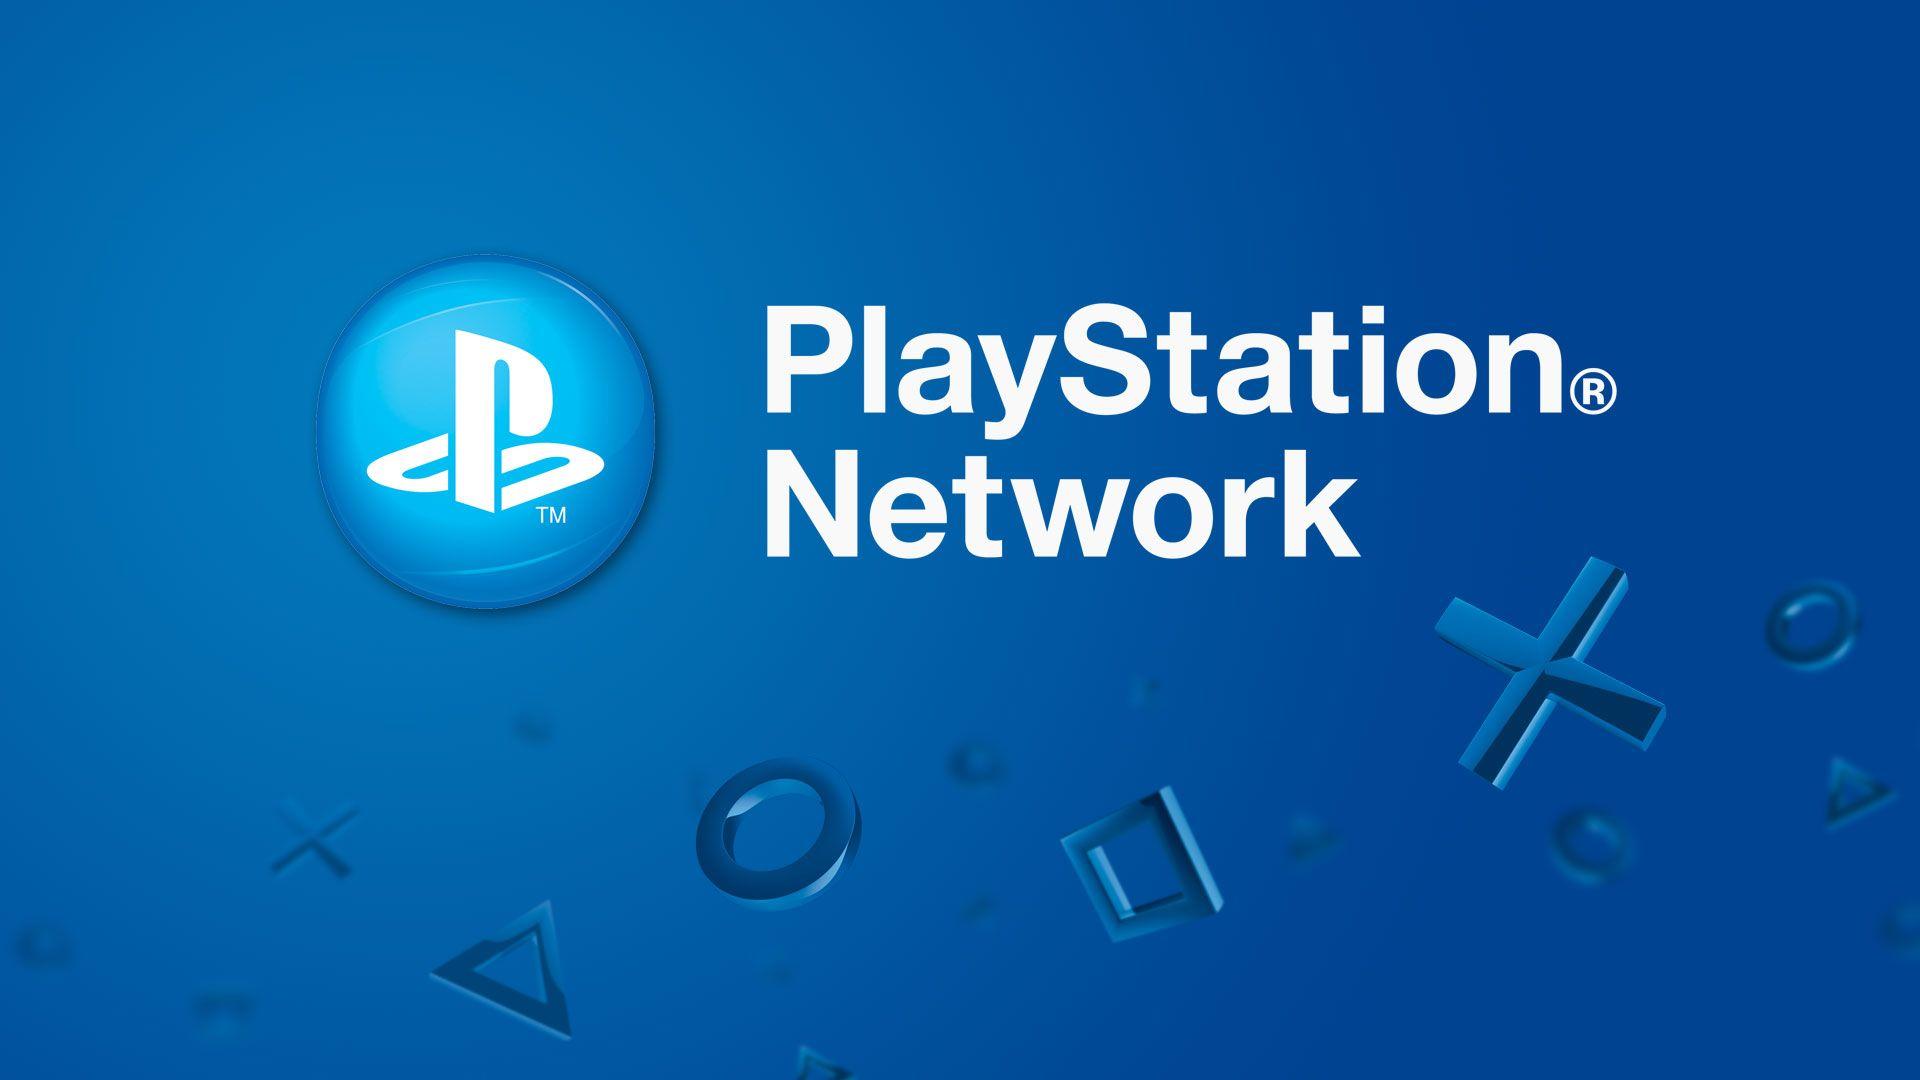 Playstation Karte Aufladen.Psn Sony Schenkt Euch 5 Guthaben Furs Abonnieren Des